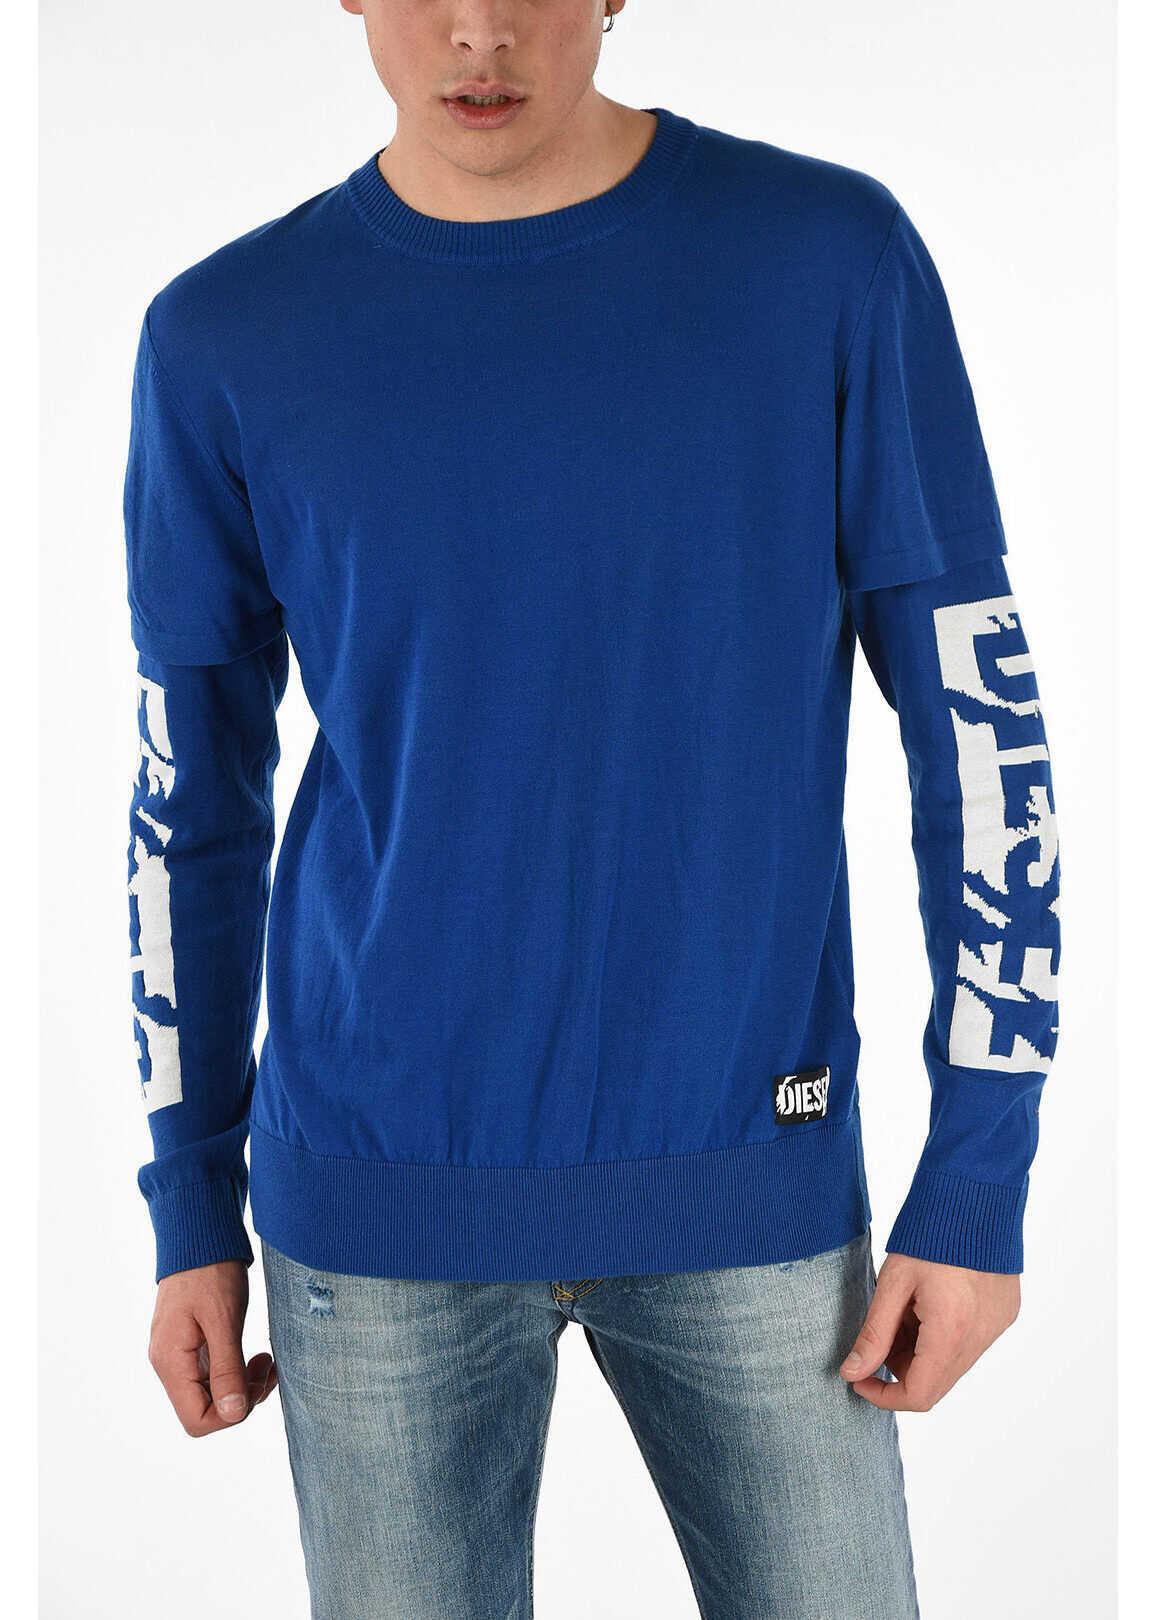 Diesel Round Necked K-BETTE Sweater BLUE imagine